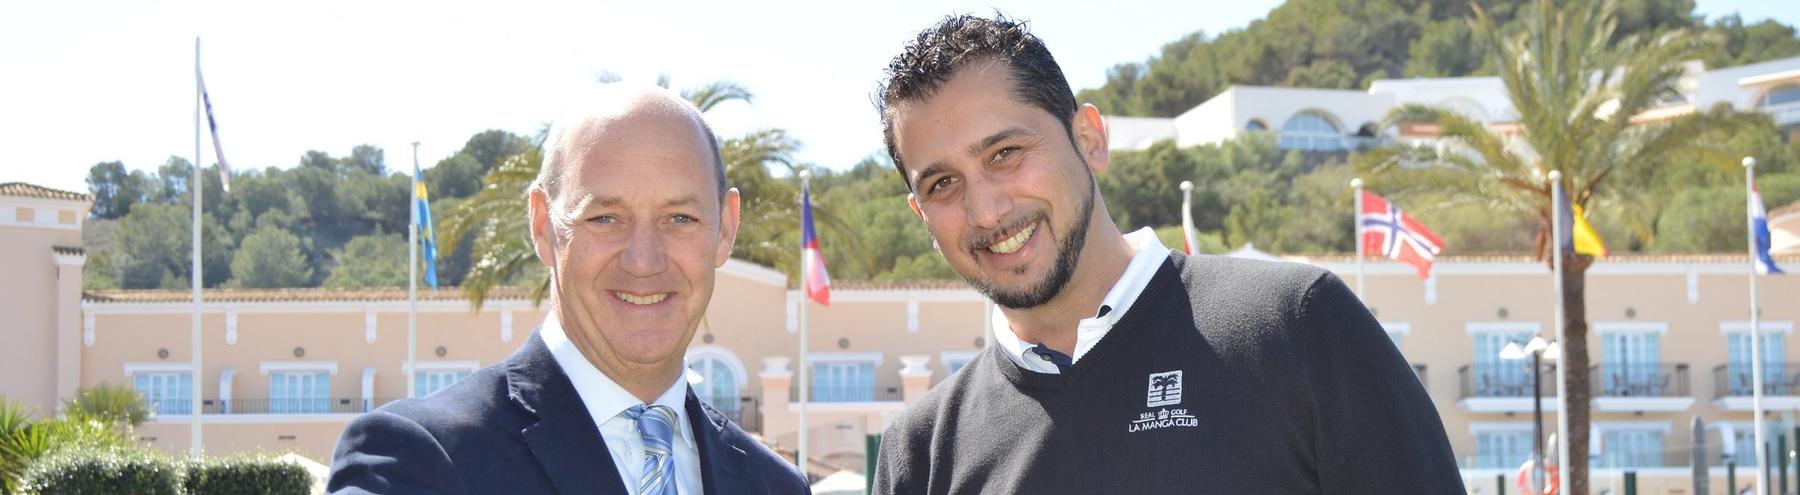 Nick Montgomery (left) and Eduardo Ruiz